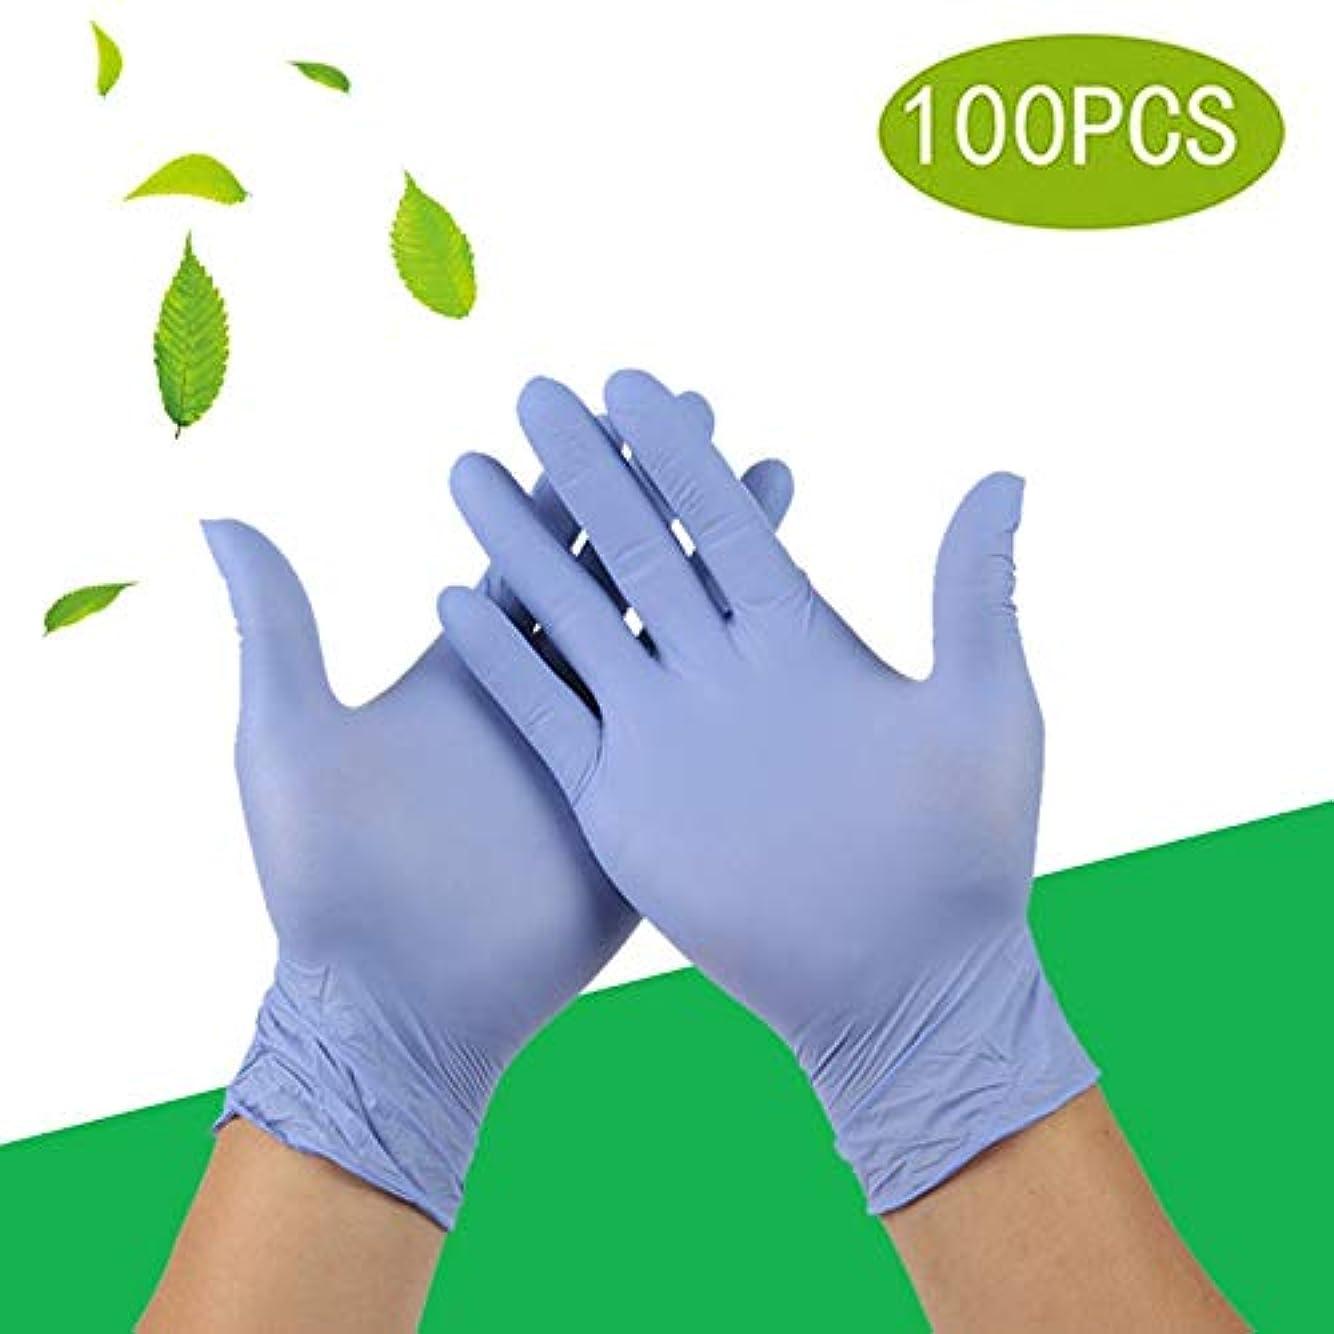 個人的に継承マリン使い捨て手袋軽量9インチパウダーフリーラテックスフリーライト作業クリーニング園芸医療グレード入れ墨医療検査手袋100倍 (Color : Blue, Size : M)